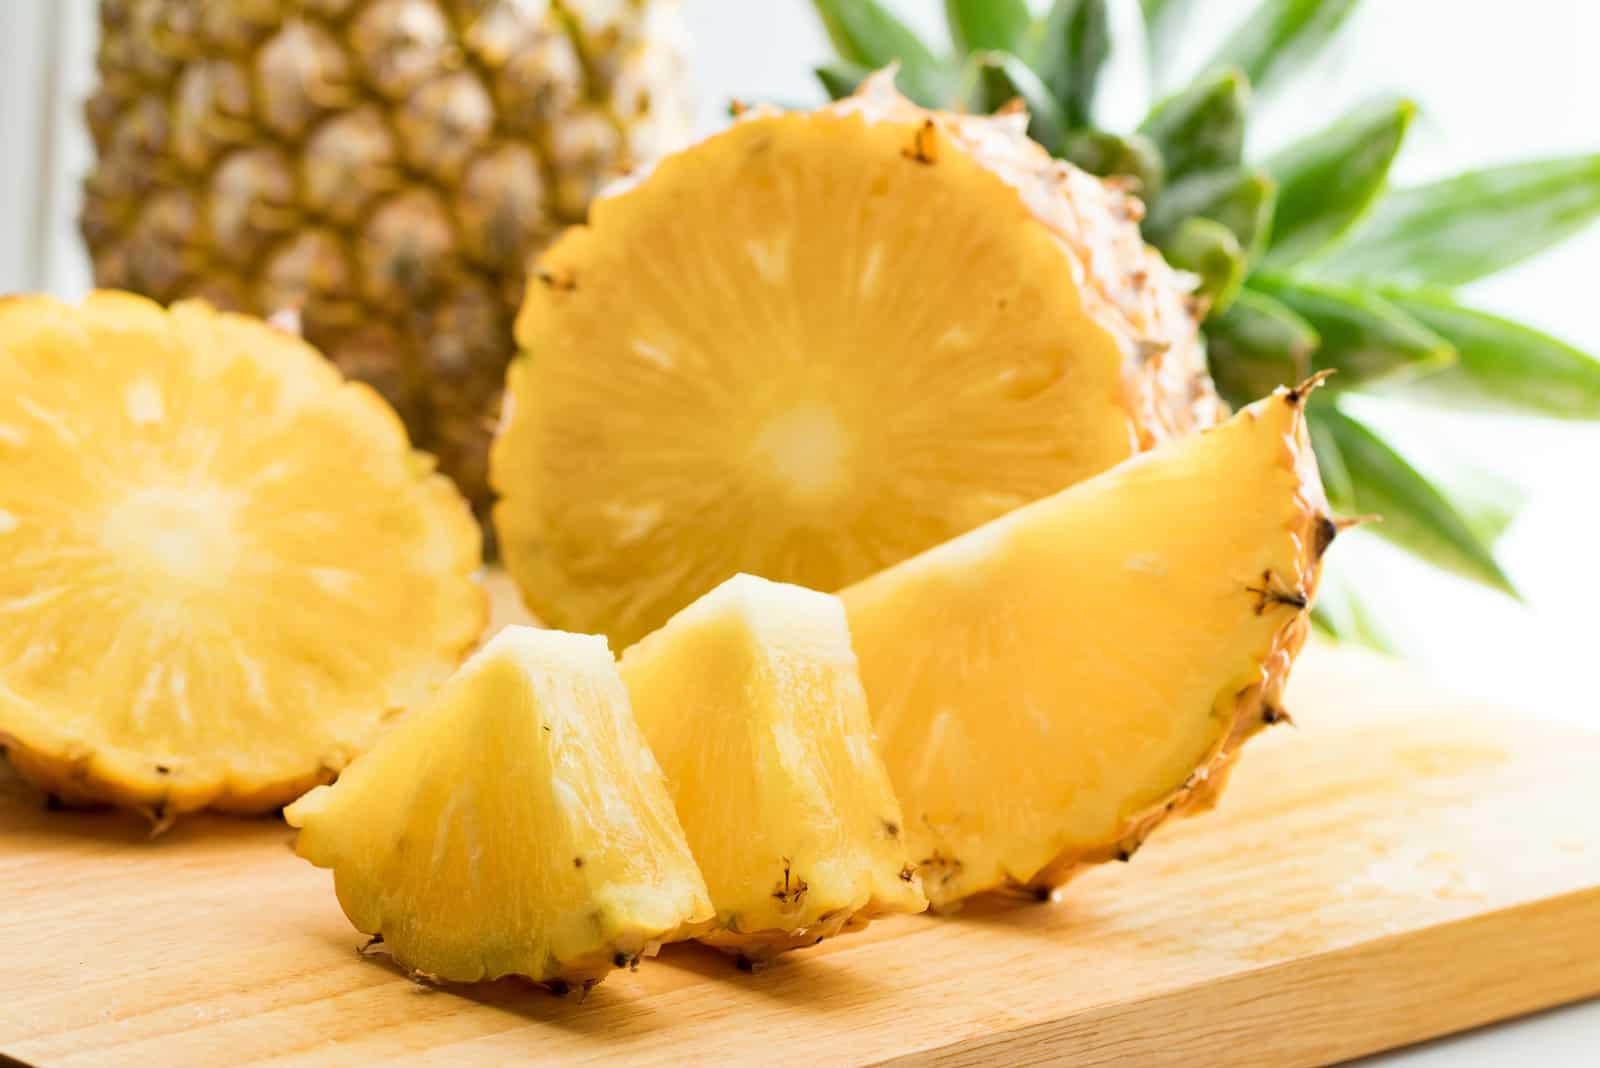 Ananasfrucht und Ananasscheibe auf Holztisch